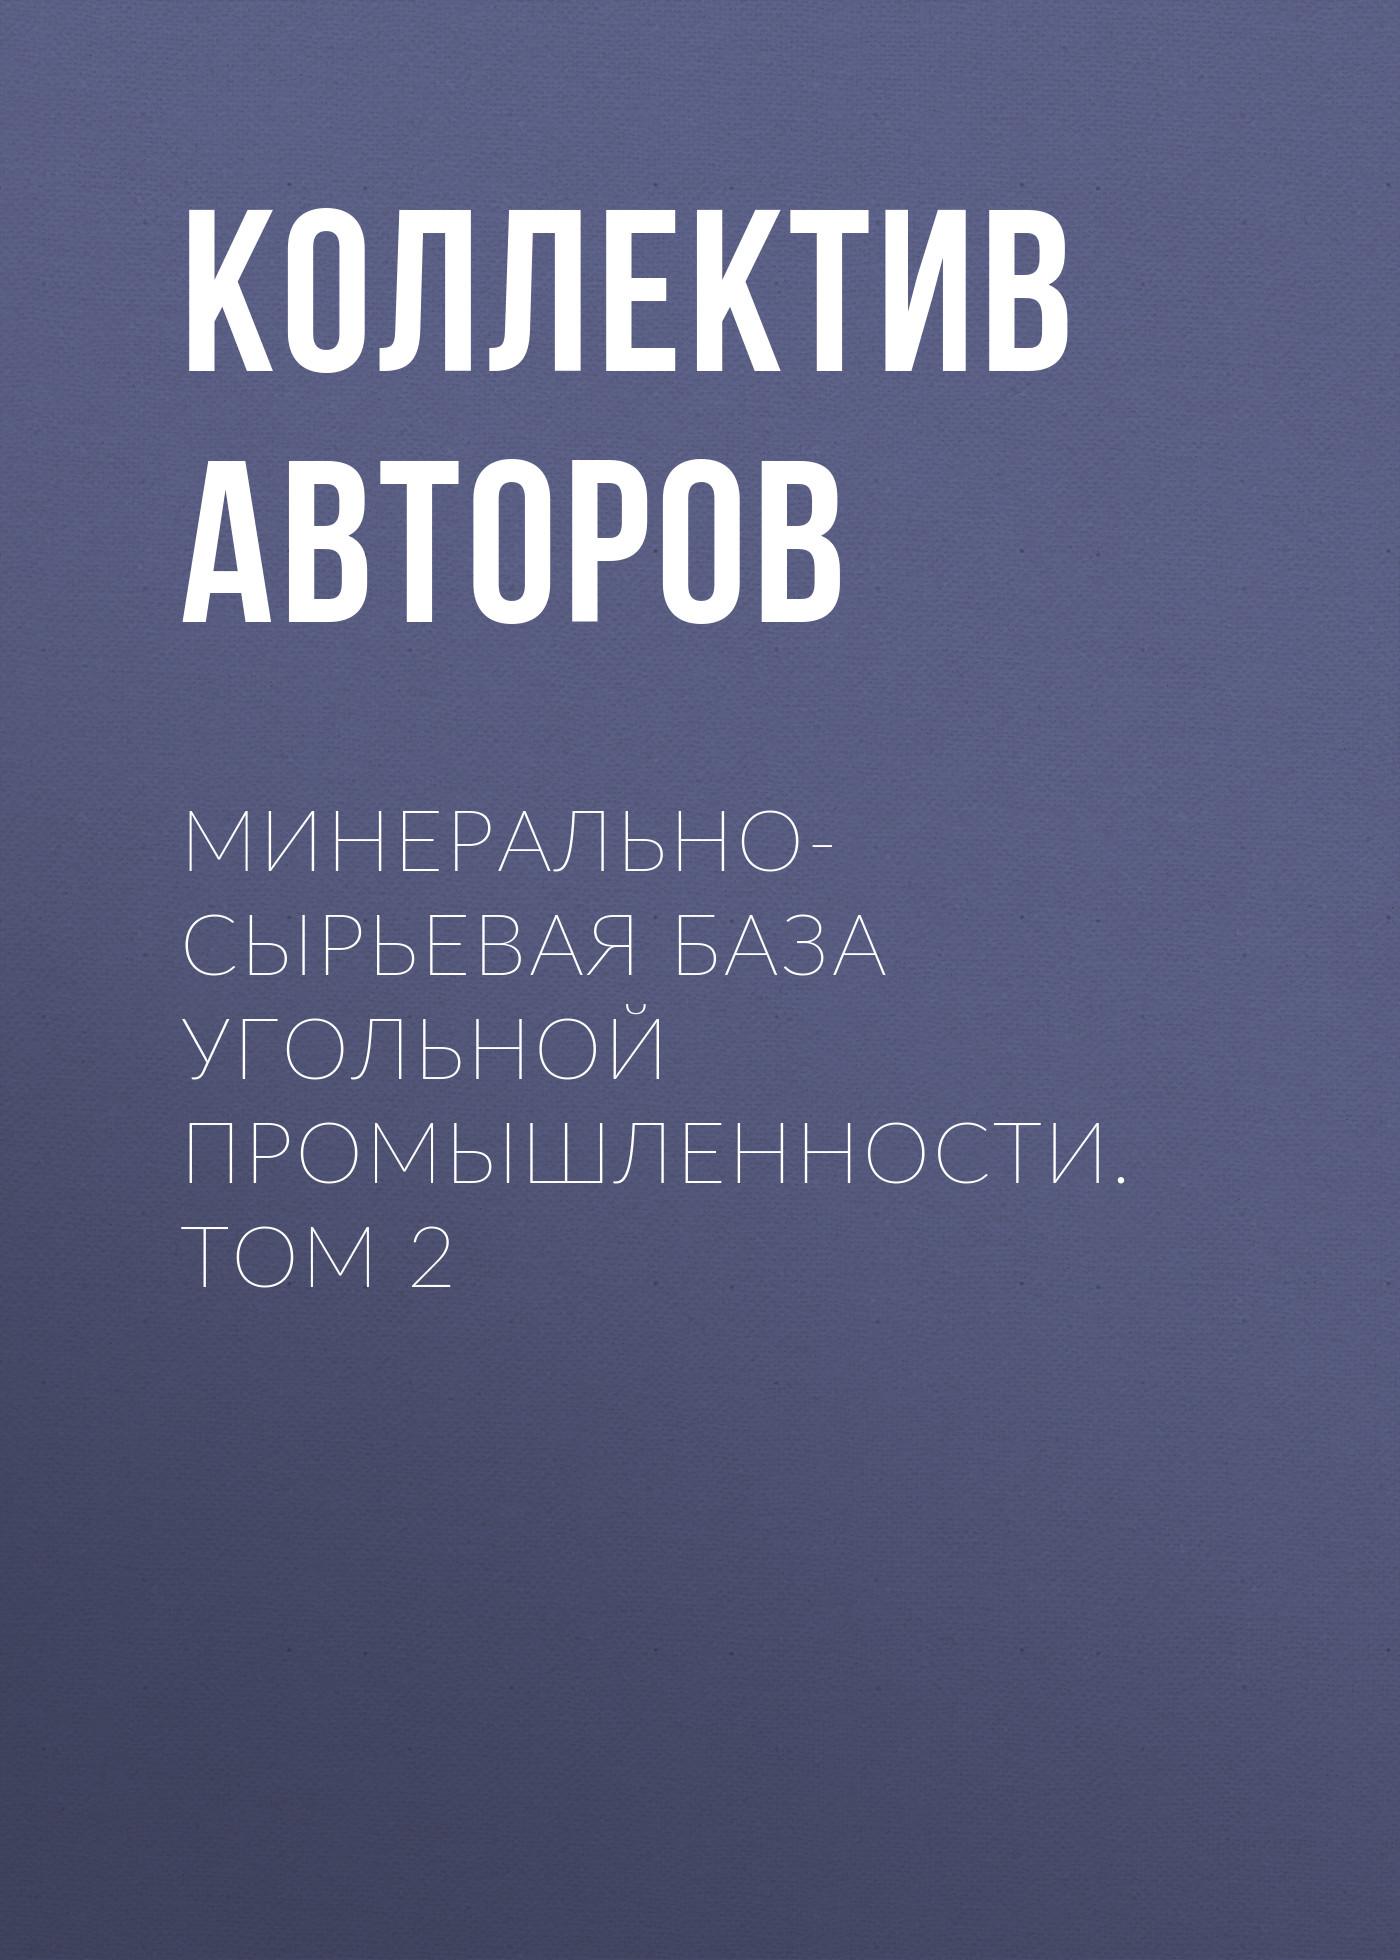 Коллектив авторов Минерально-сырьевая база угольной промышленности. Том 2 lizard